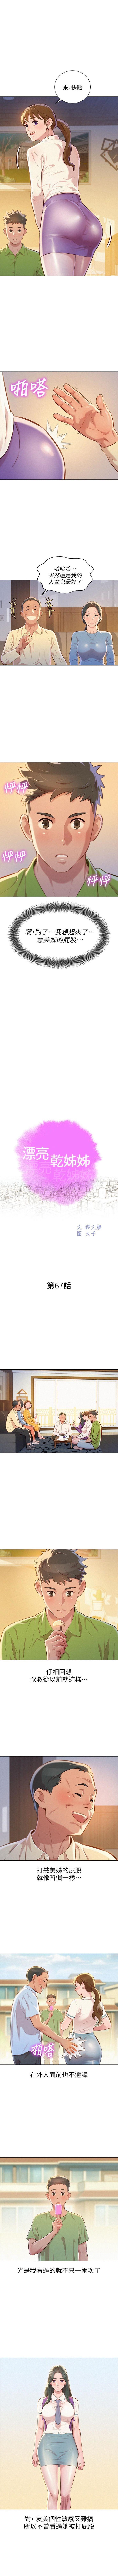 (周7)漂亮干姐姐  1-79 中文翻译 (更新中) 360